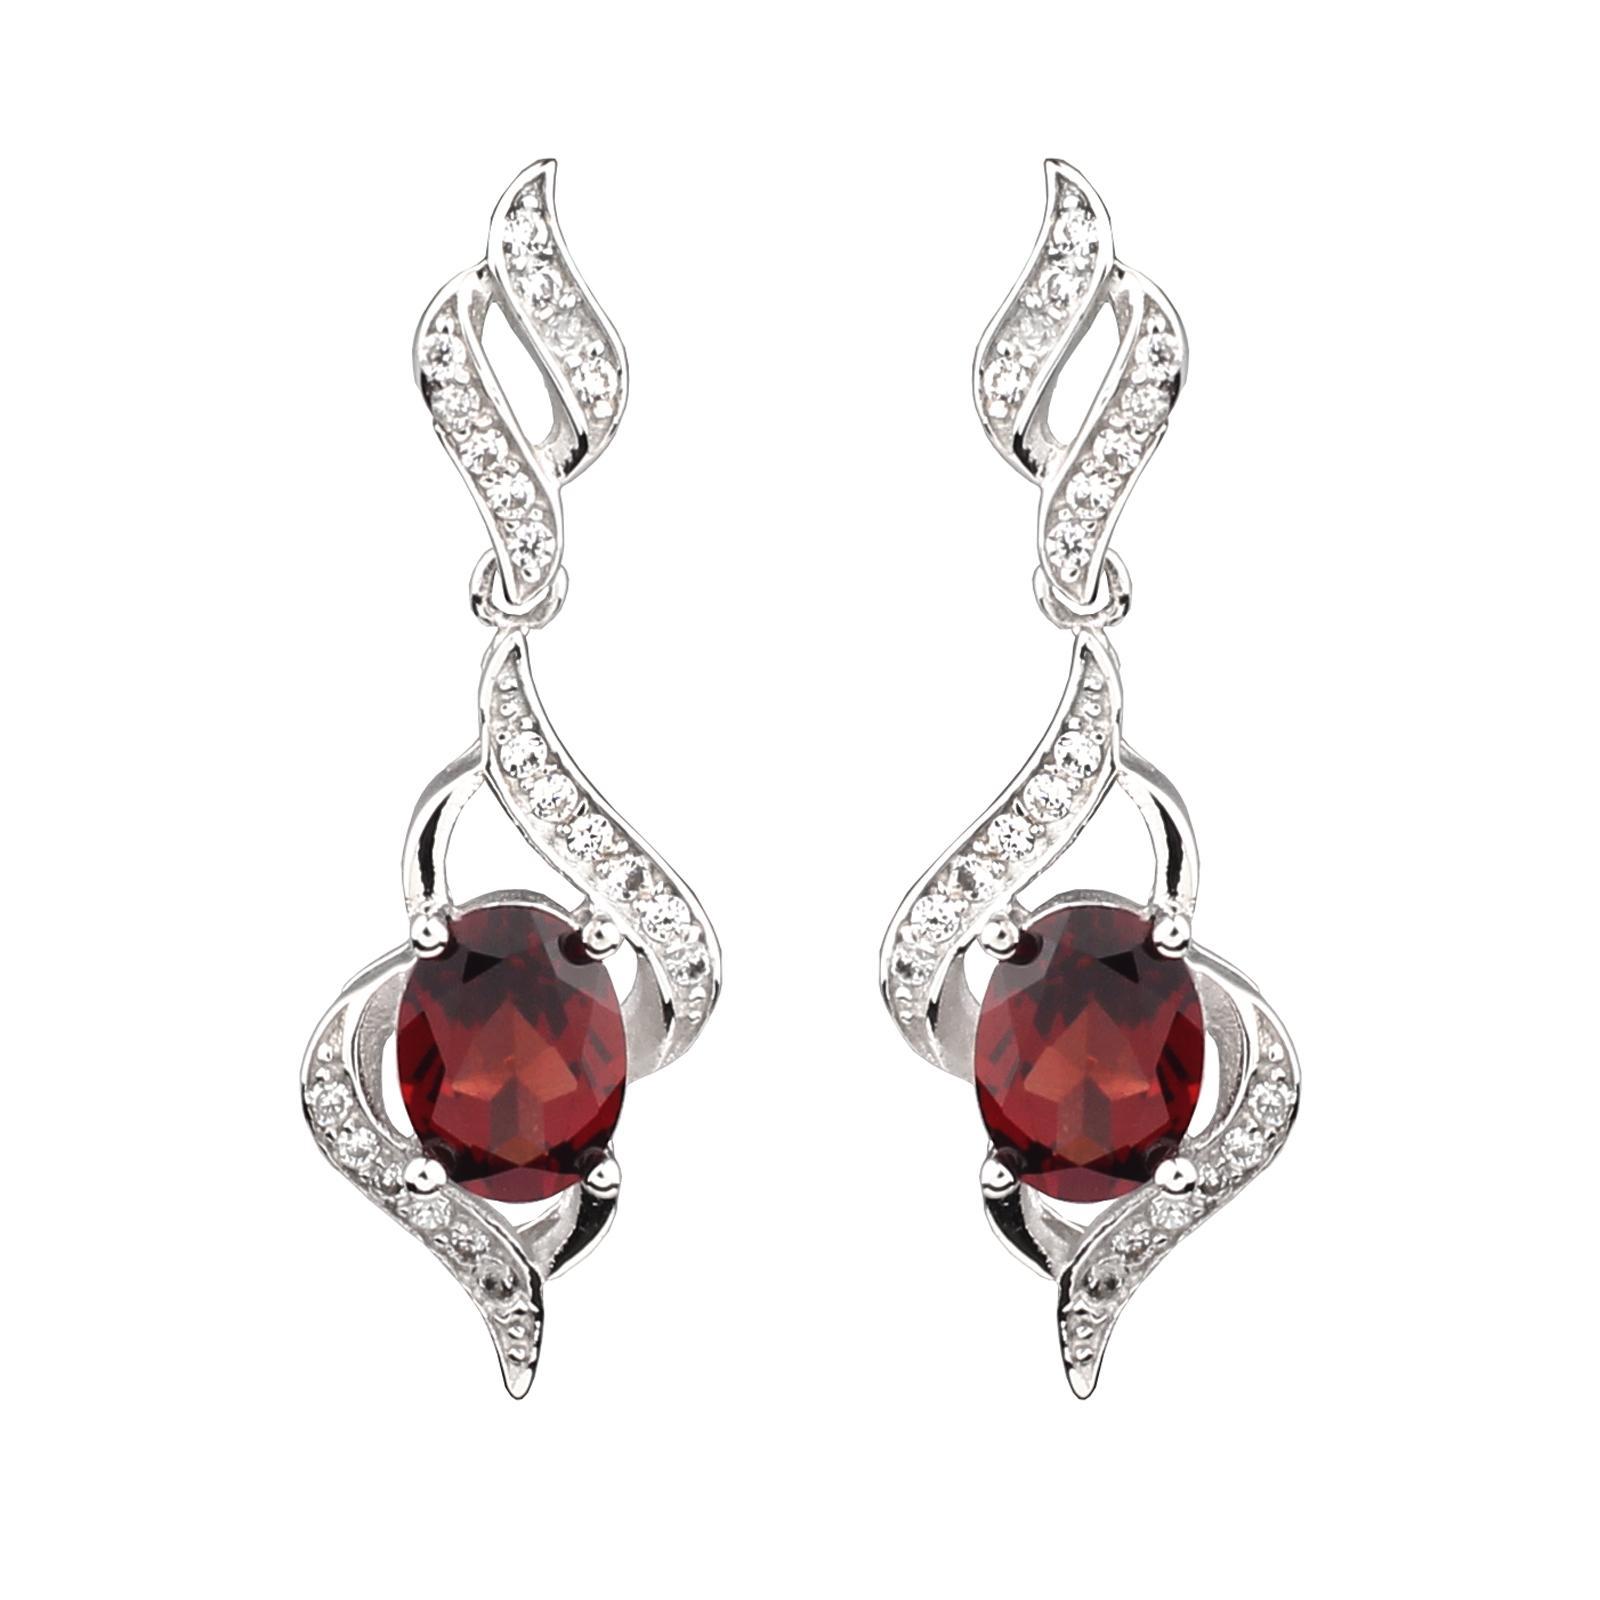 Real Red Granato Orecchini pendenti in argento 925 Gioielli da donna 6x8mm cristallo ovale gennaio Birthstone Piercing Drop Design E085RGN